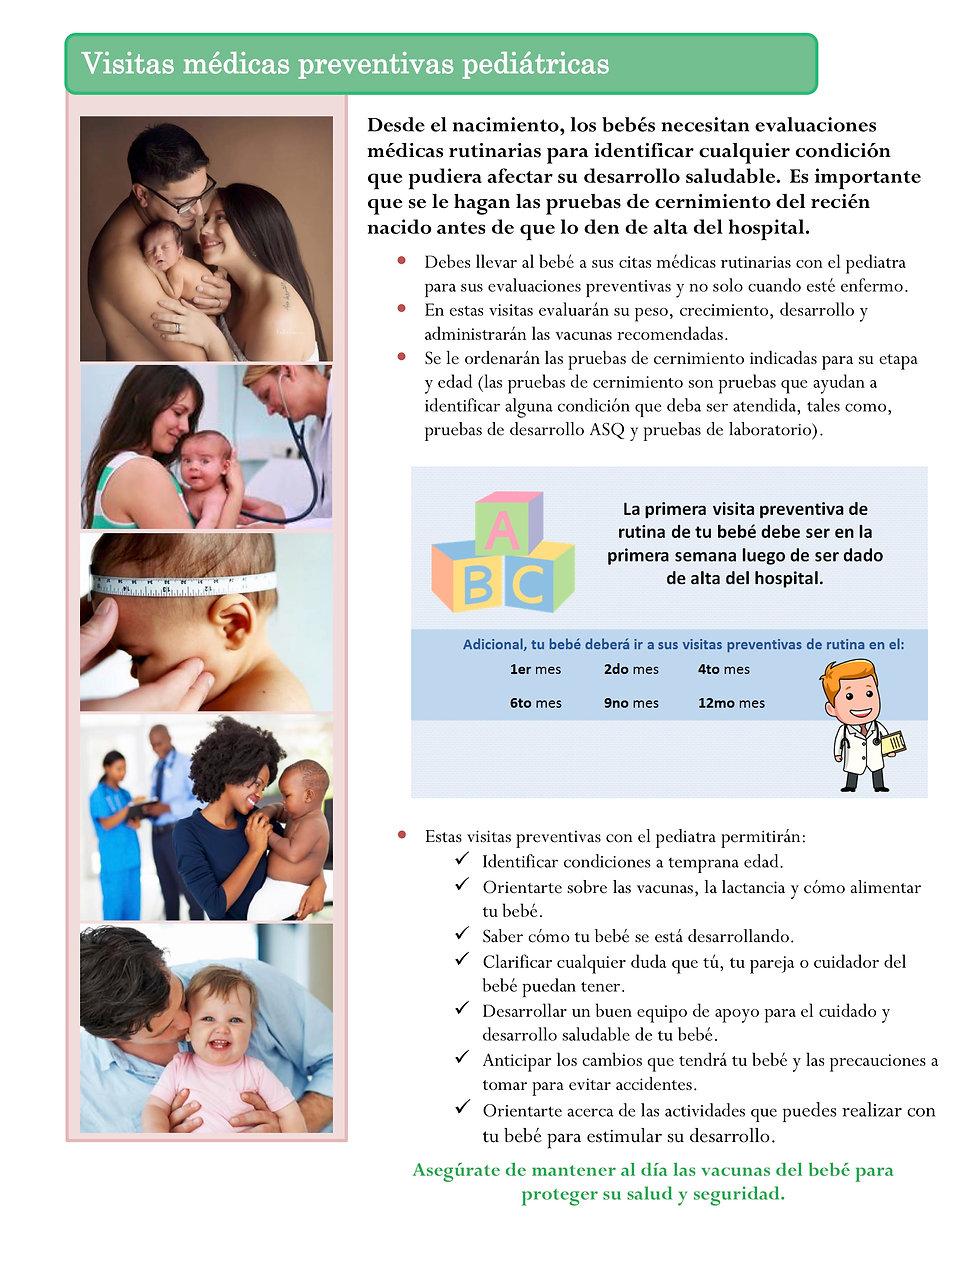 2._Visitas_médicas_preventivas_pediátric